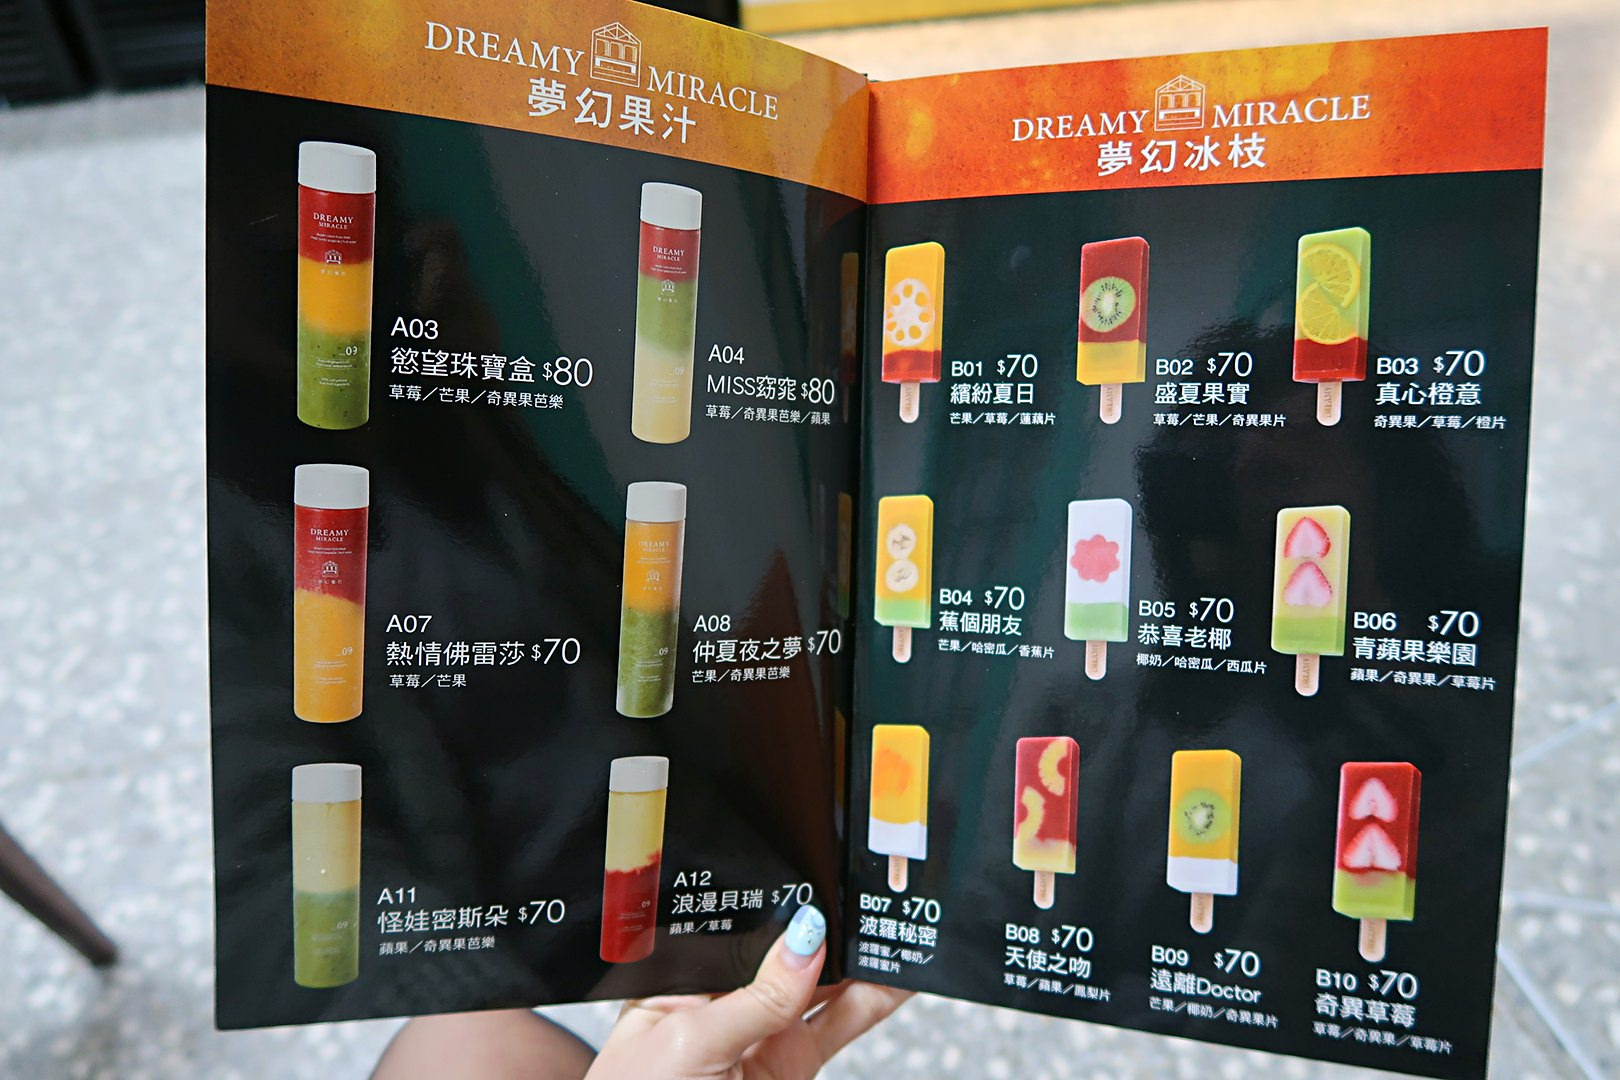 台南火車站美食 夢幻蜜拉Dreamy Miracle北門店新開幕,超人氣水果冰棒、夢幻漸層飲